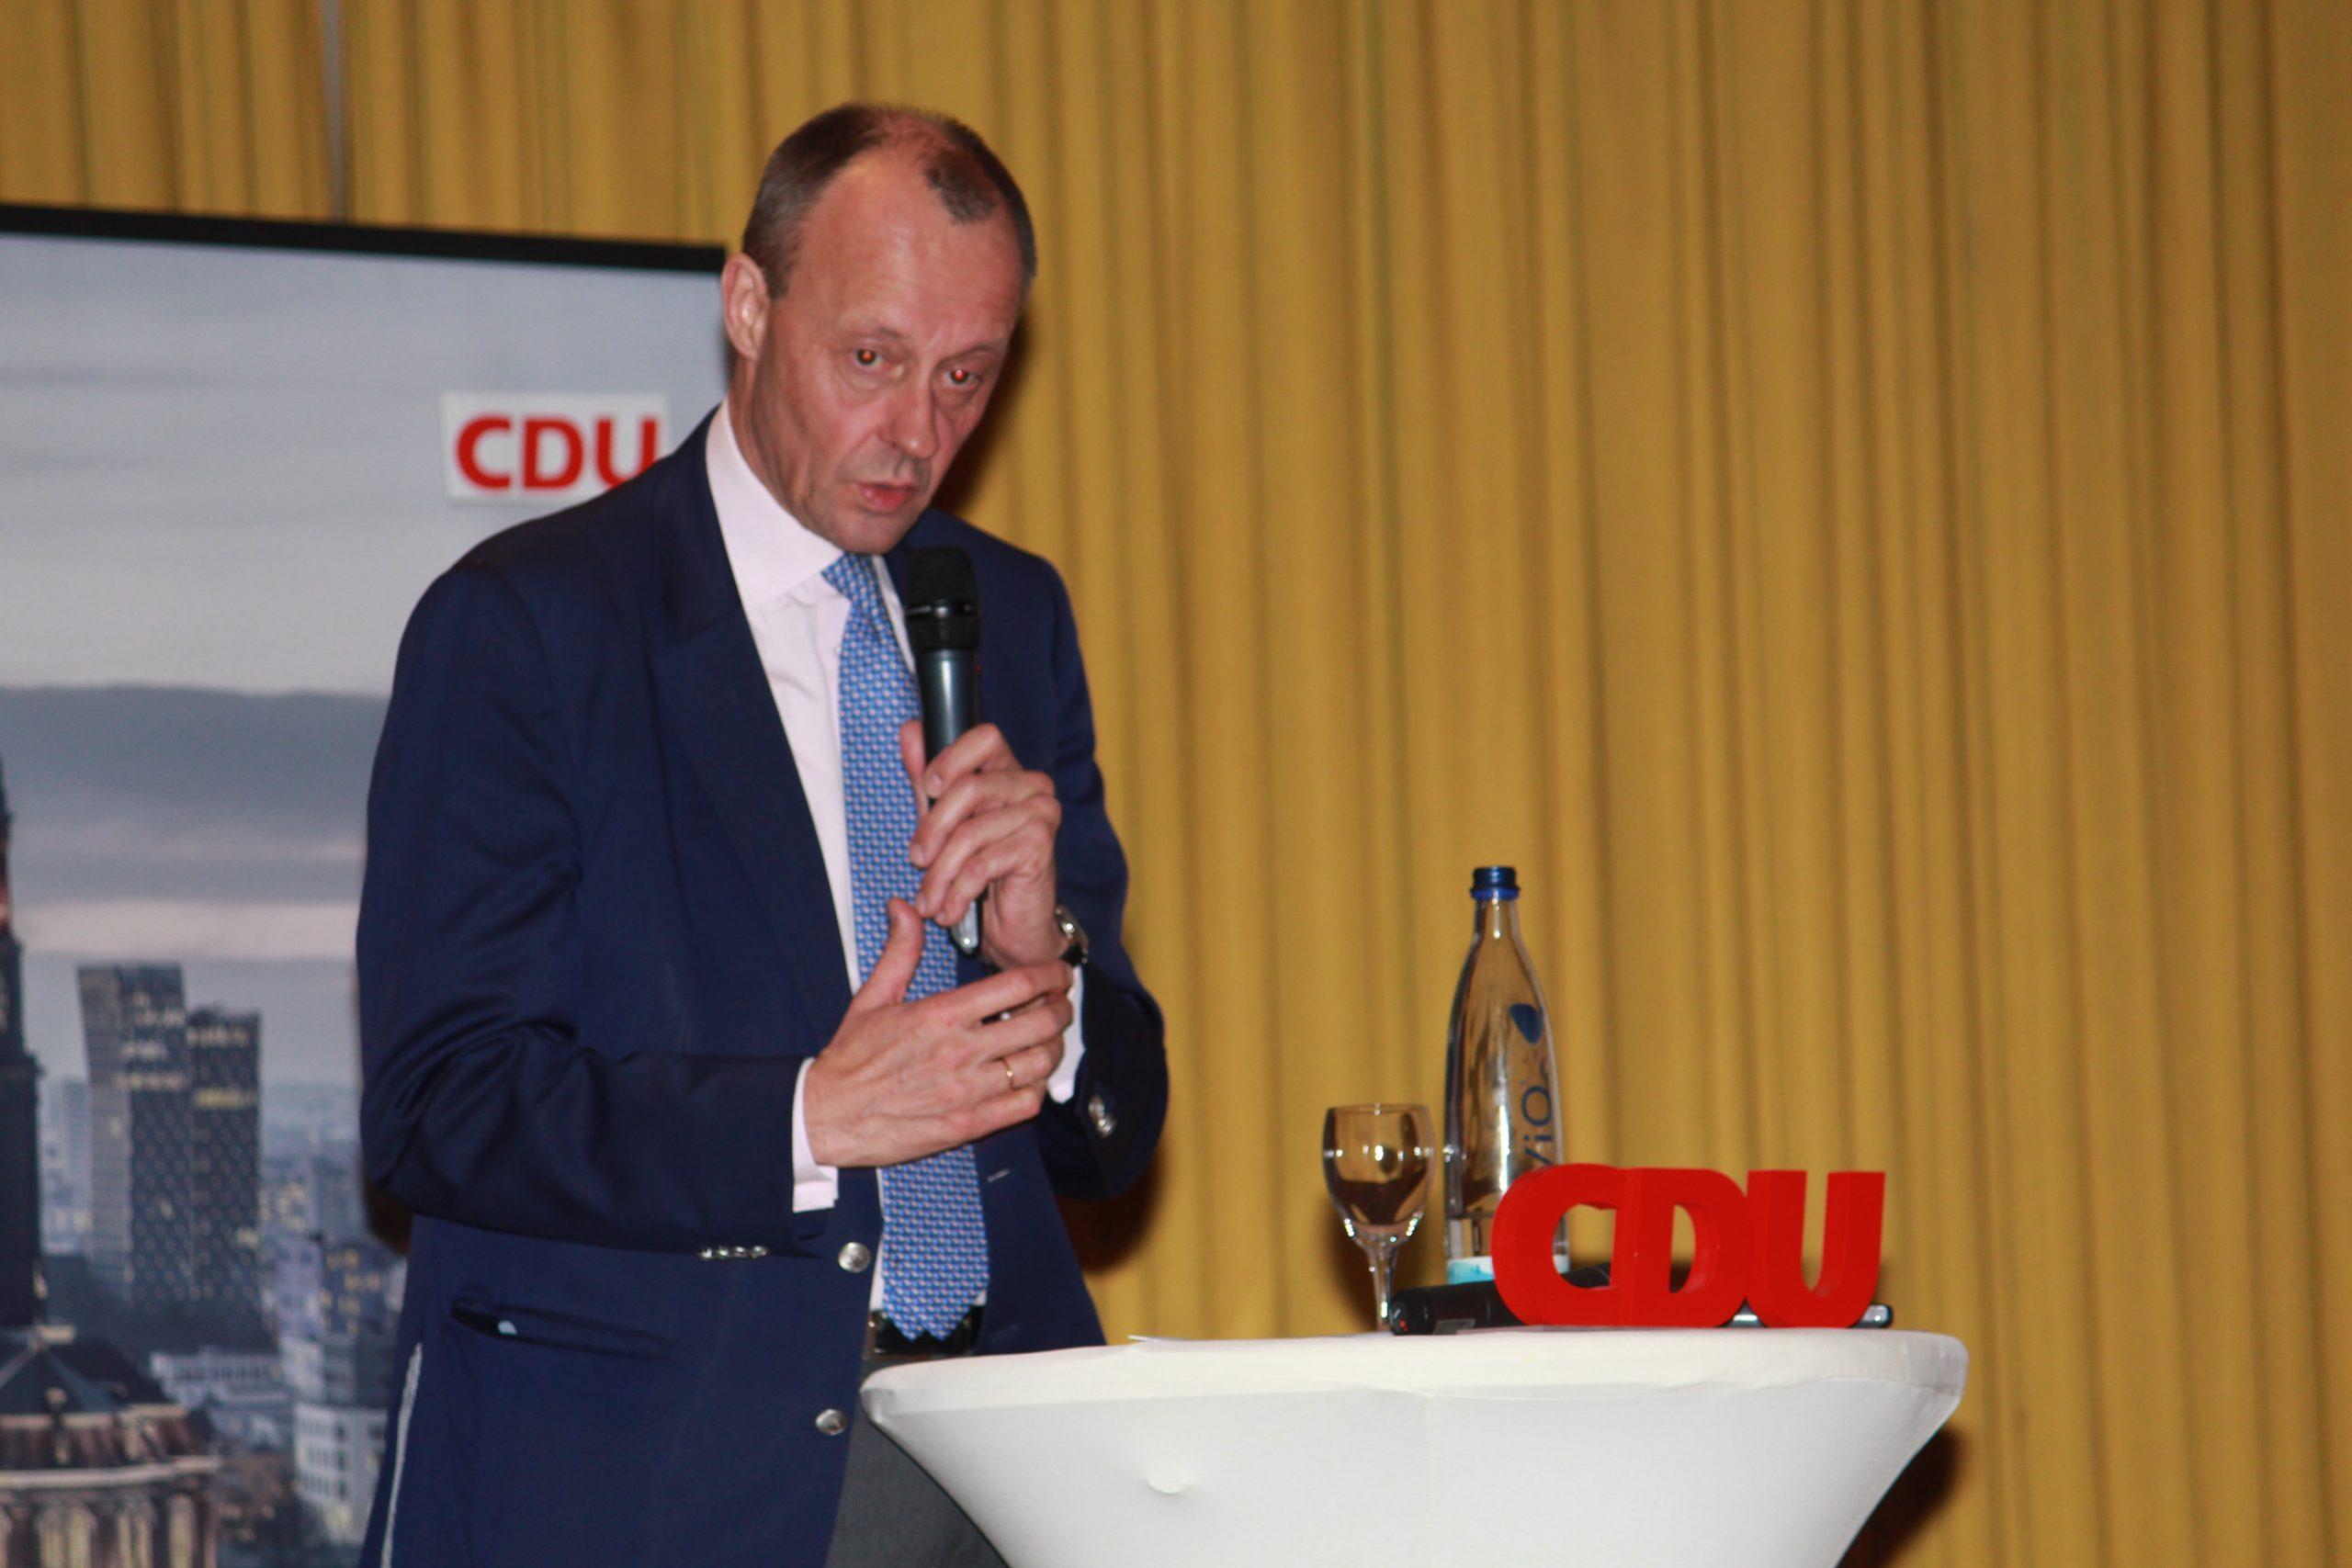 pm -Die CDU muss nicht grüner als die Grünen werden